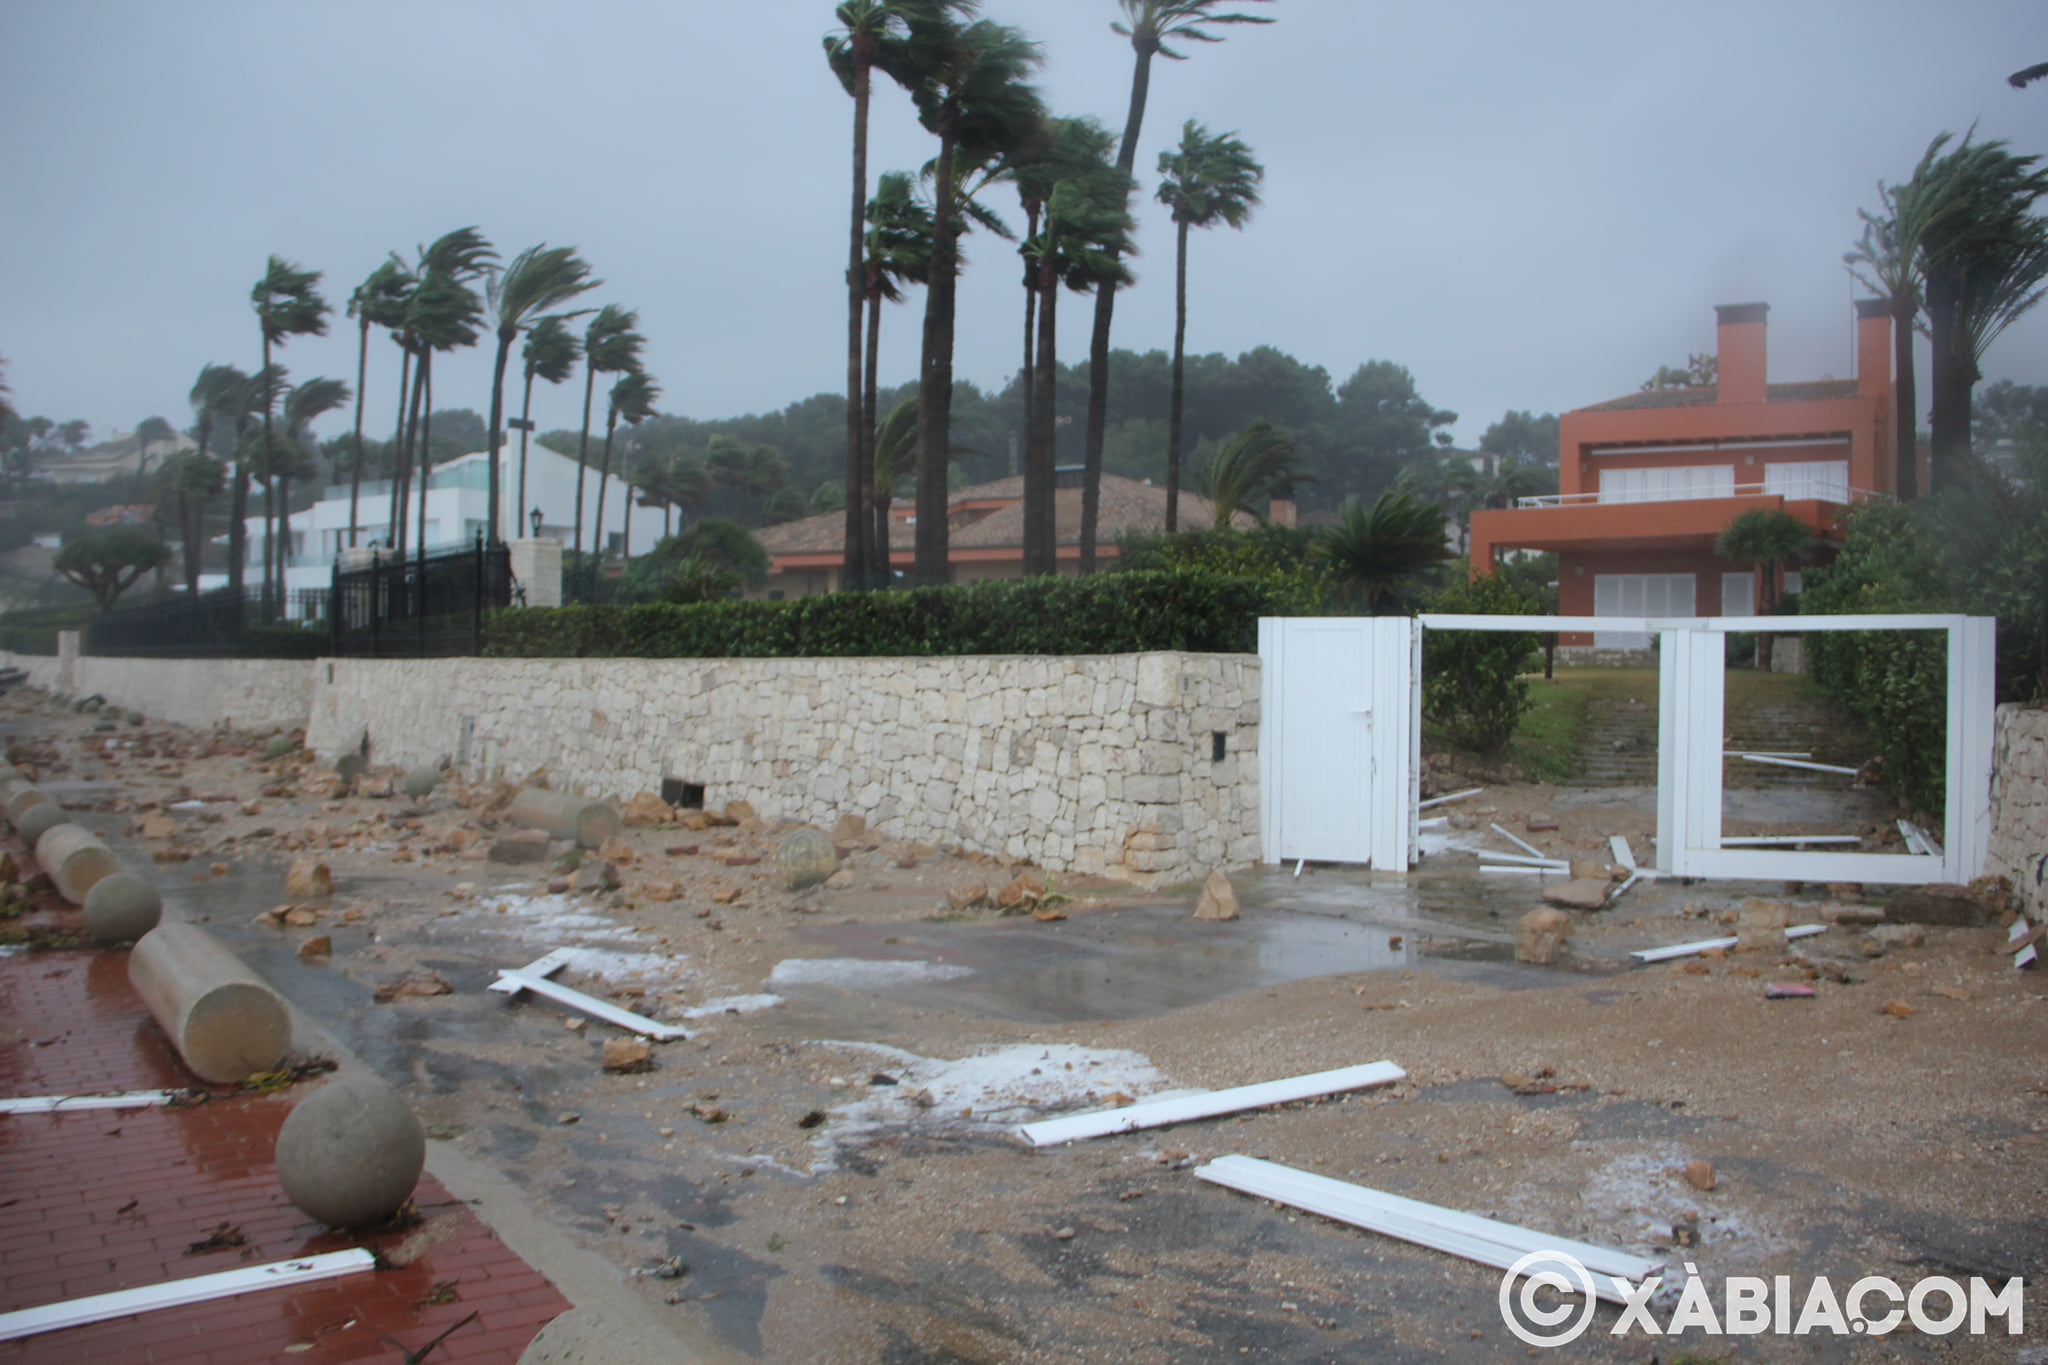 Brandelli di pioggia, vento e mare in Xàbia (9)